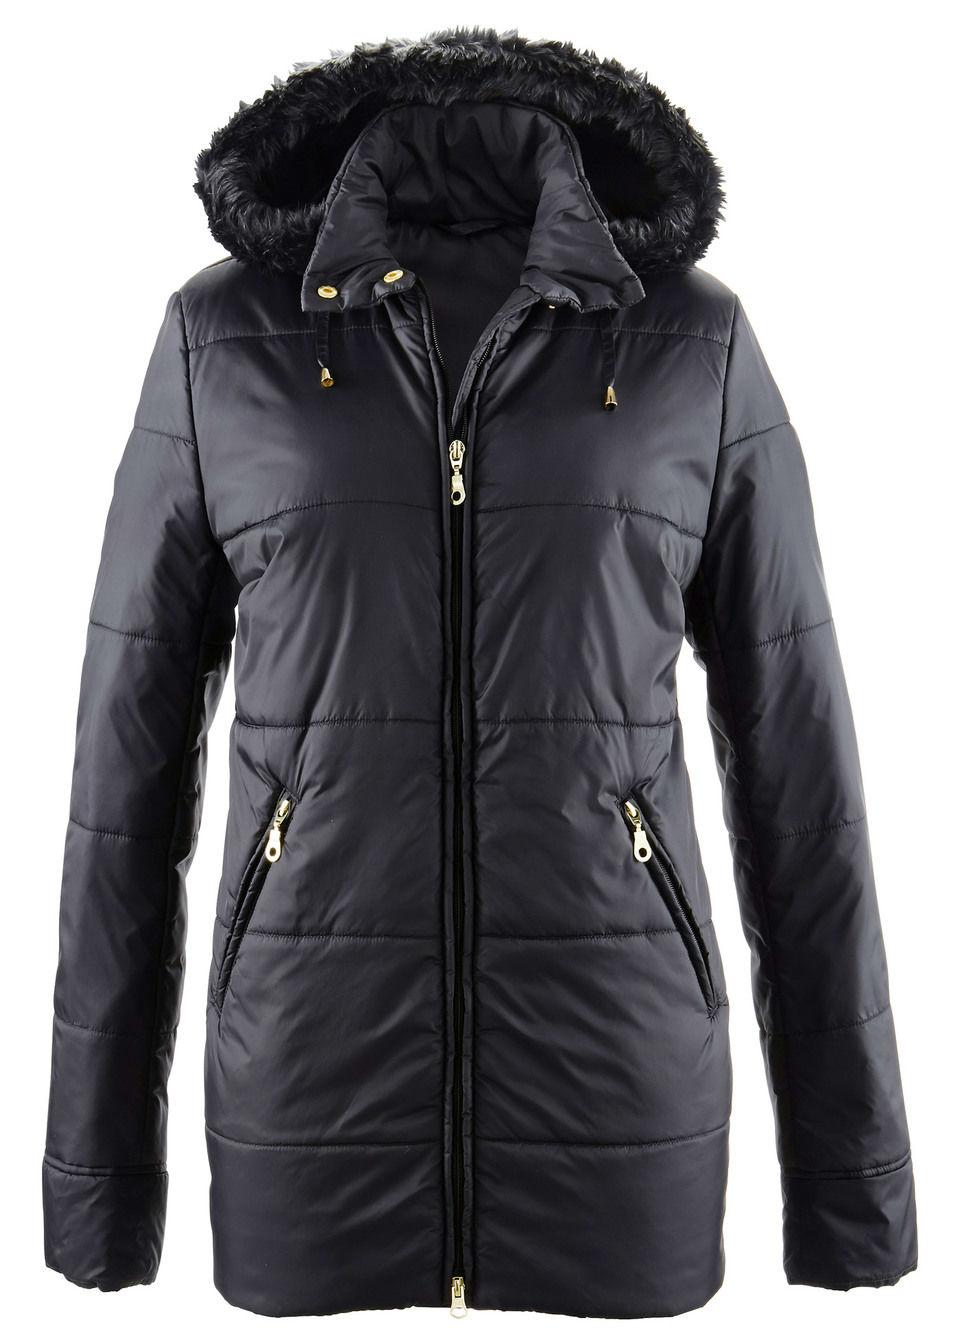 Купить Куртки и плащи, Куртка с опушкой из искусственного меха, bonprix, черный